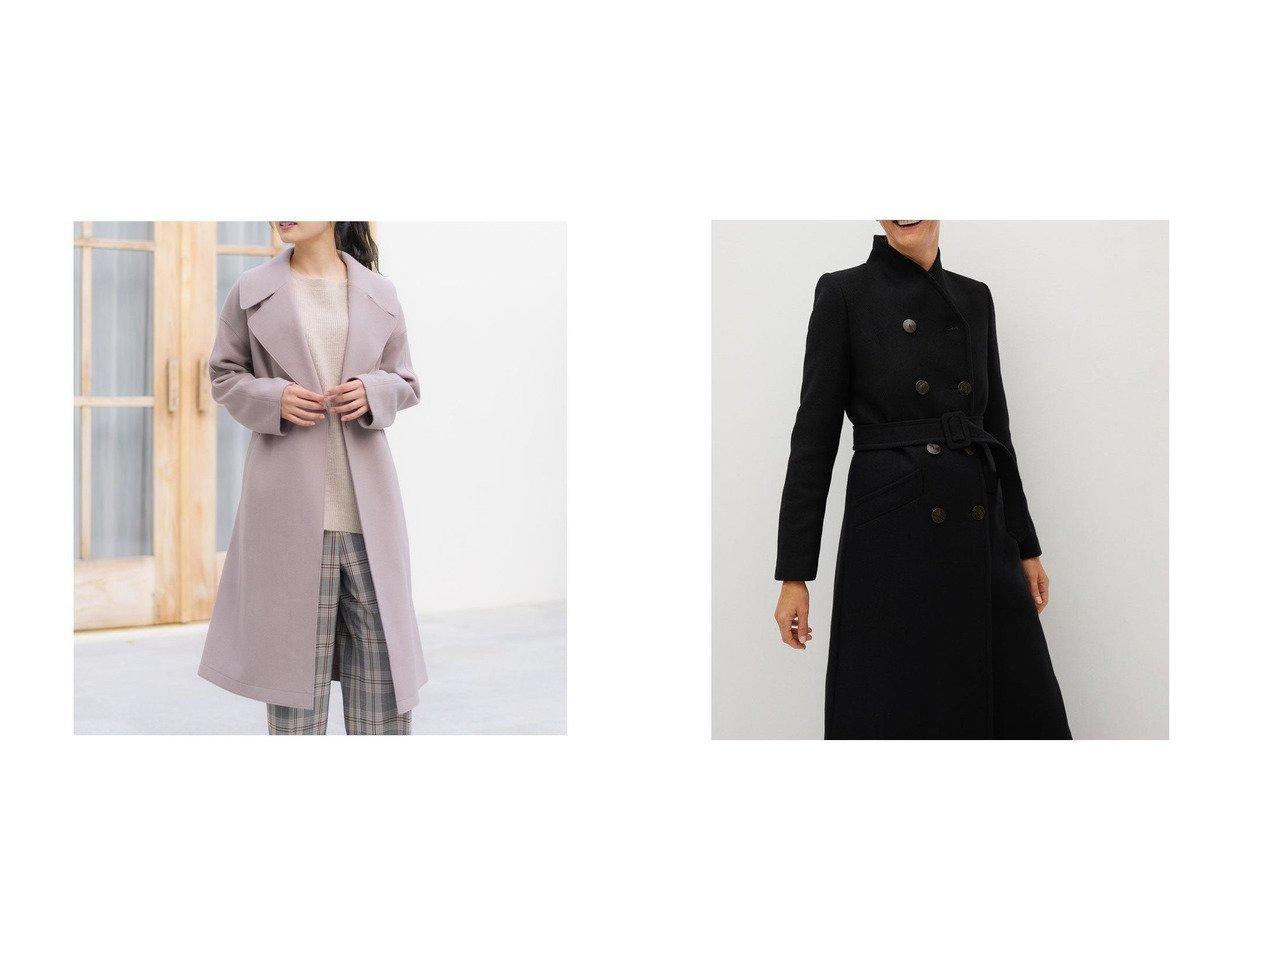 【MANGO/マンゴ】のコート .-- LUNA&【Rewde/ルゥデ】のガウン風コート アウターのおすすめ!人気、レディースファッションの通販  おすすめで人気のファッション通販商品 インテリア・家具・キッズファッション・メンズファッション・レディースファッション・服の通販 founy(ファニー) https://founy.com/ ファッション Fashion レディース WOMEN アウター Coat Outerwear コート Coats ガウン トレンド フロント ポケット ラップ ループ ロング 長袖 |ID:crp329100000004226